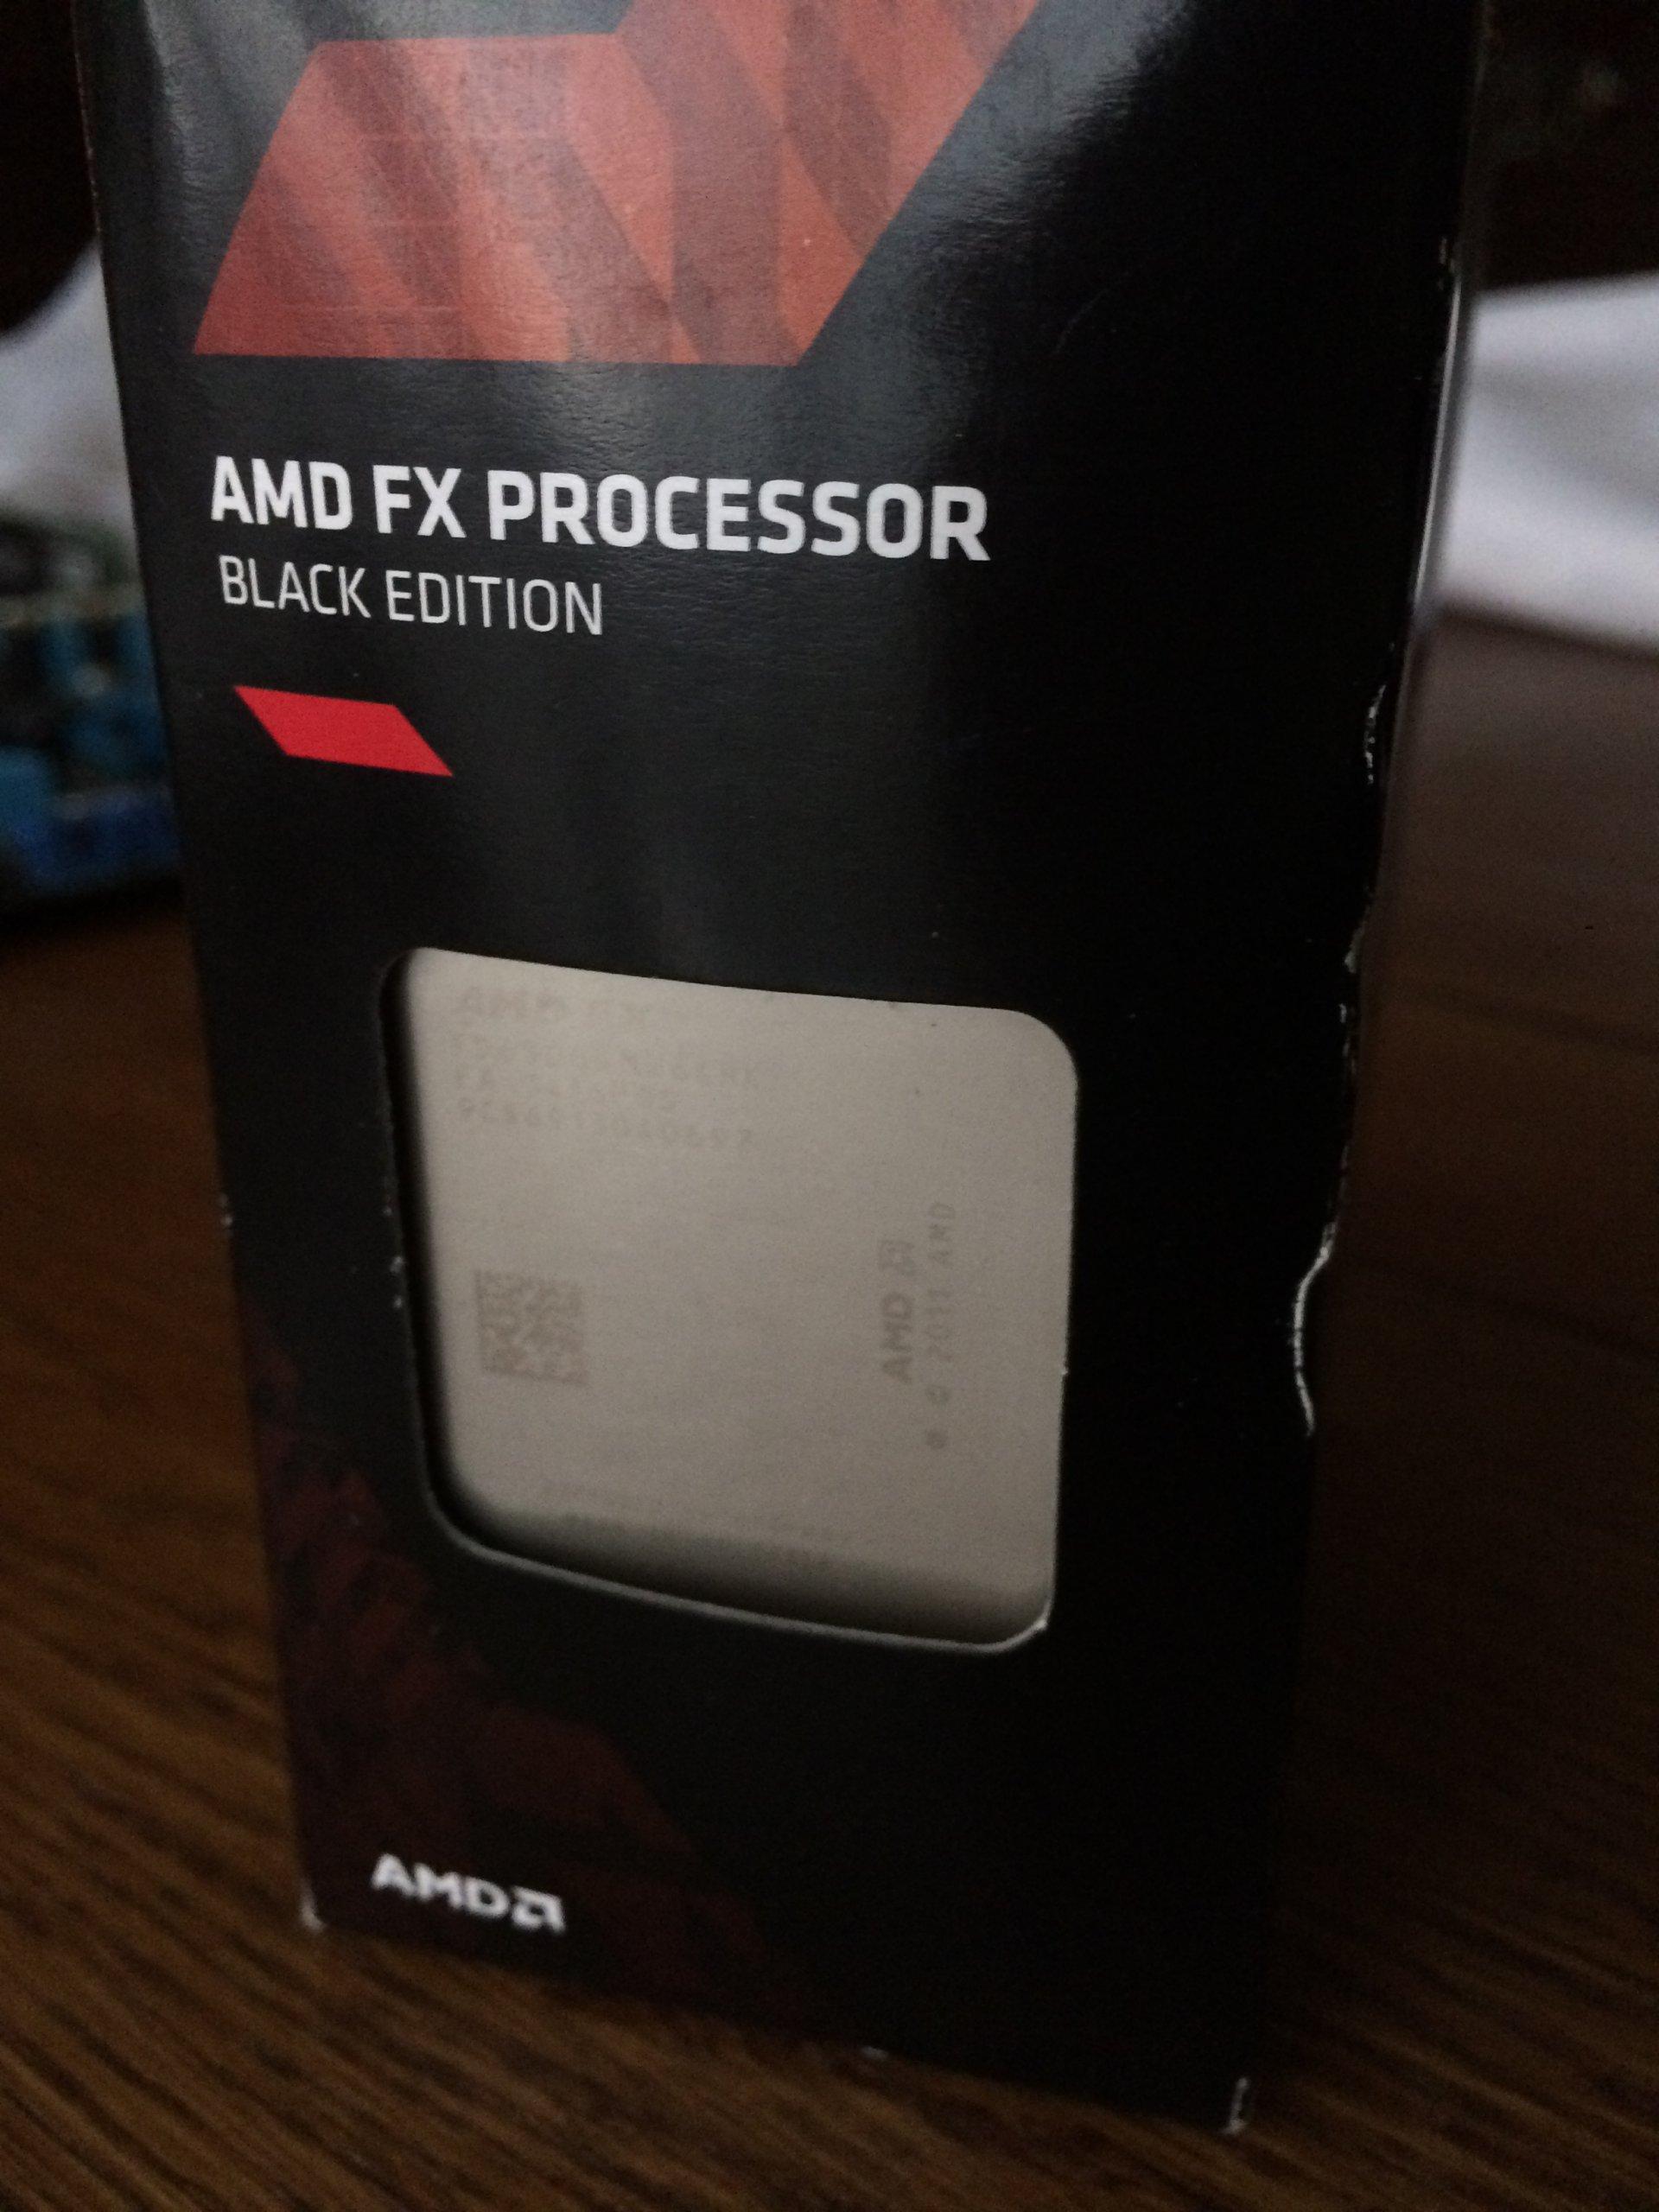 Procesor Amd Fx 6300 Black Edition 35ghz Am3 Box 7115164434 Processor